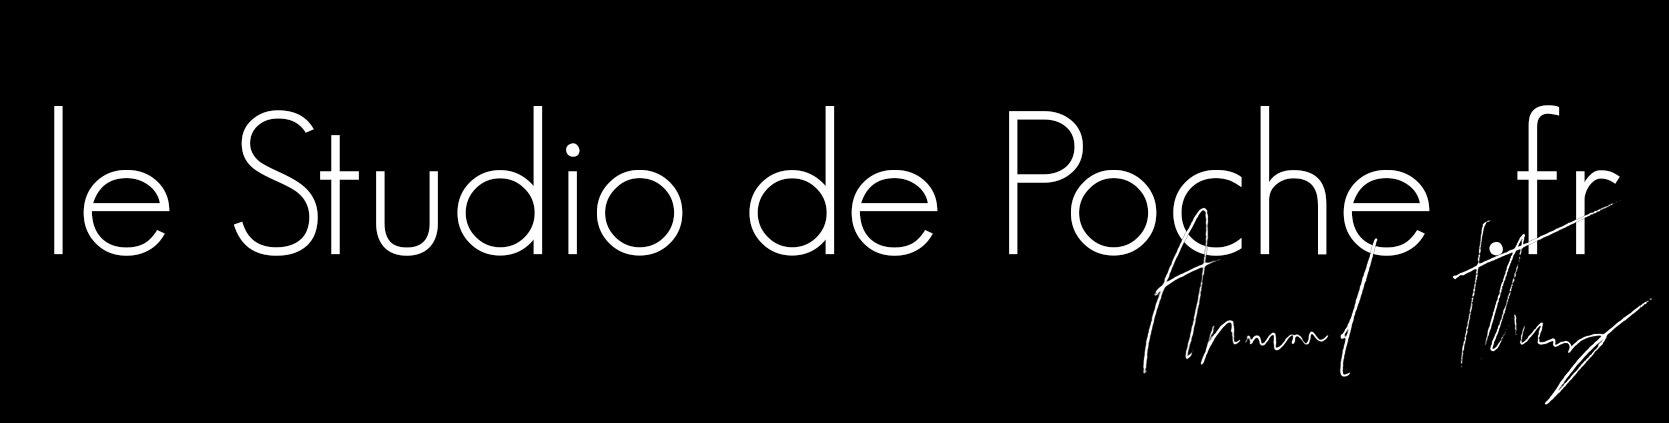 Le Studio de Poche - Cours photo gratuits et tutos en vidéo